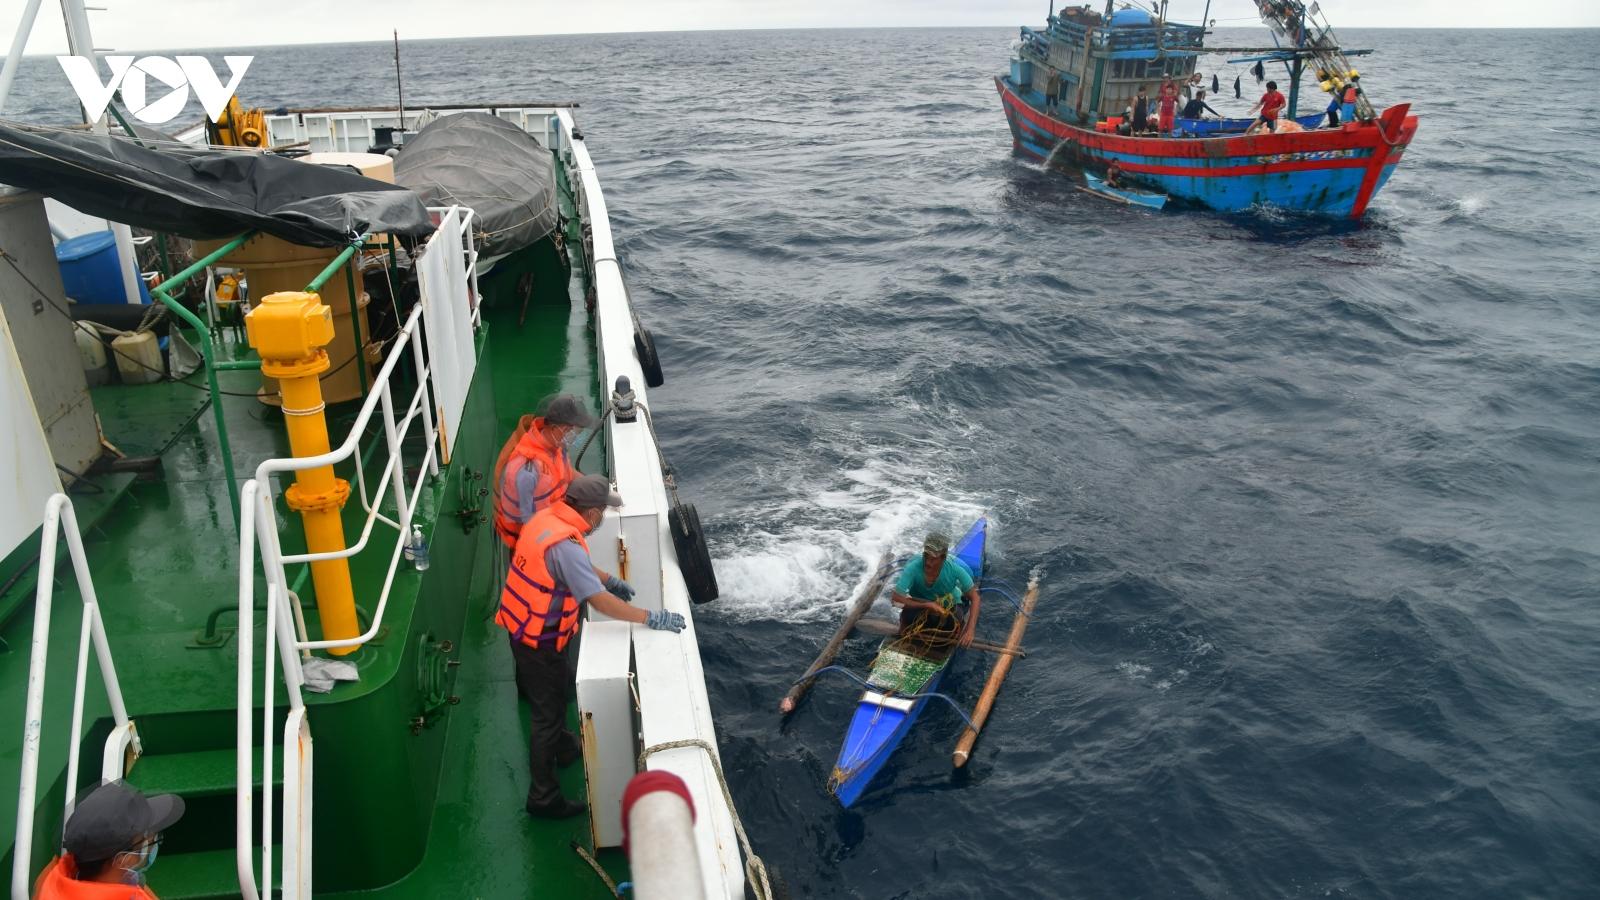 Tàu KN 472, Chi đội Kiểm ngư 4 tiếp nhận ngư dân Philipines, đưa vào đảo Song Tử Tây